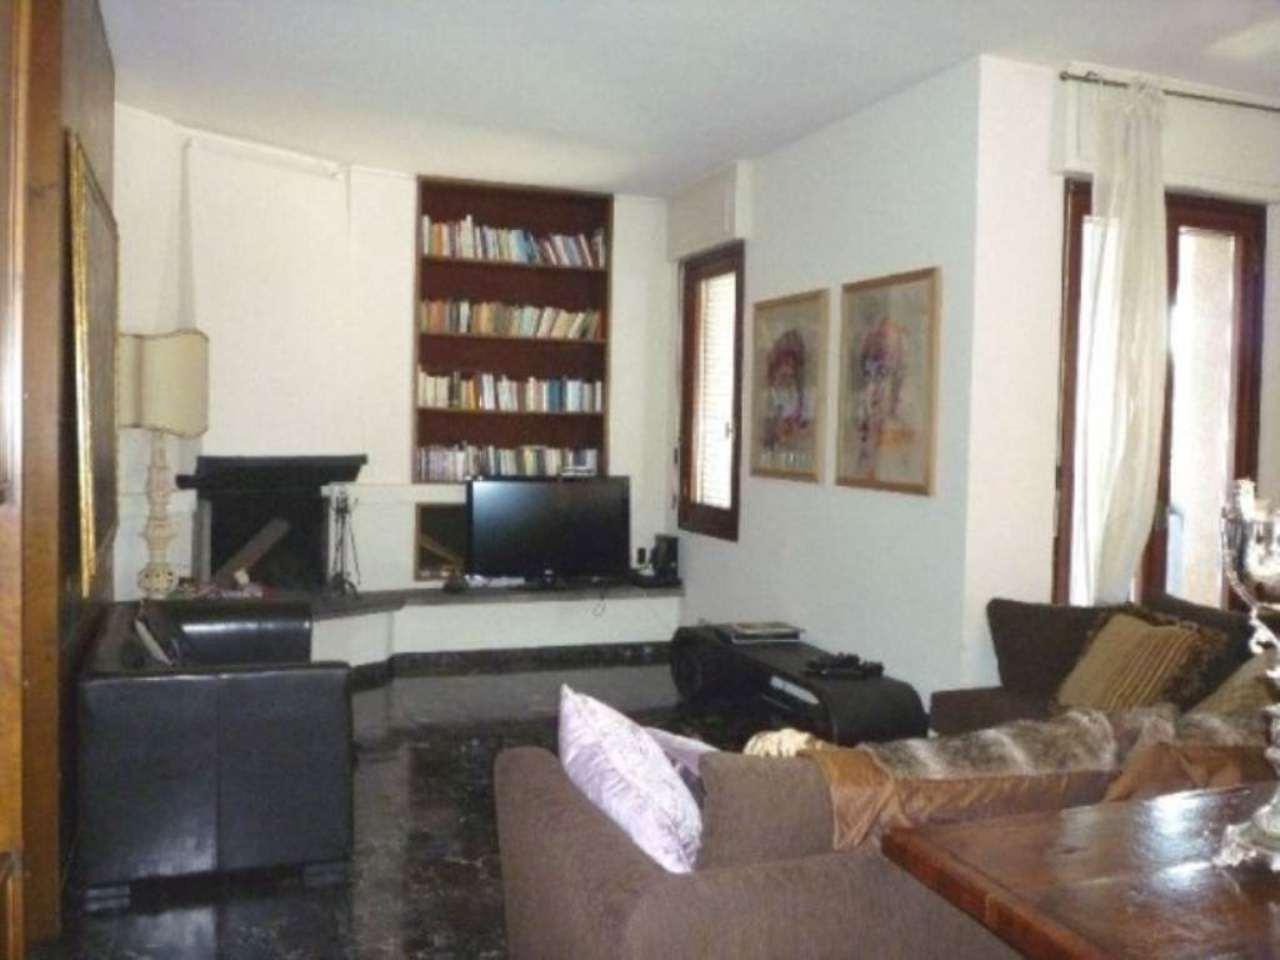 Attico / Mansarda in affitto a Seveso, 6 locali, prezzo € 1.100 | Cambio Casa.it